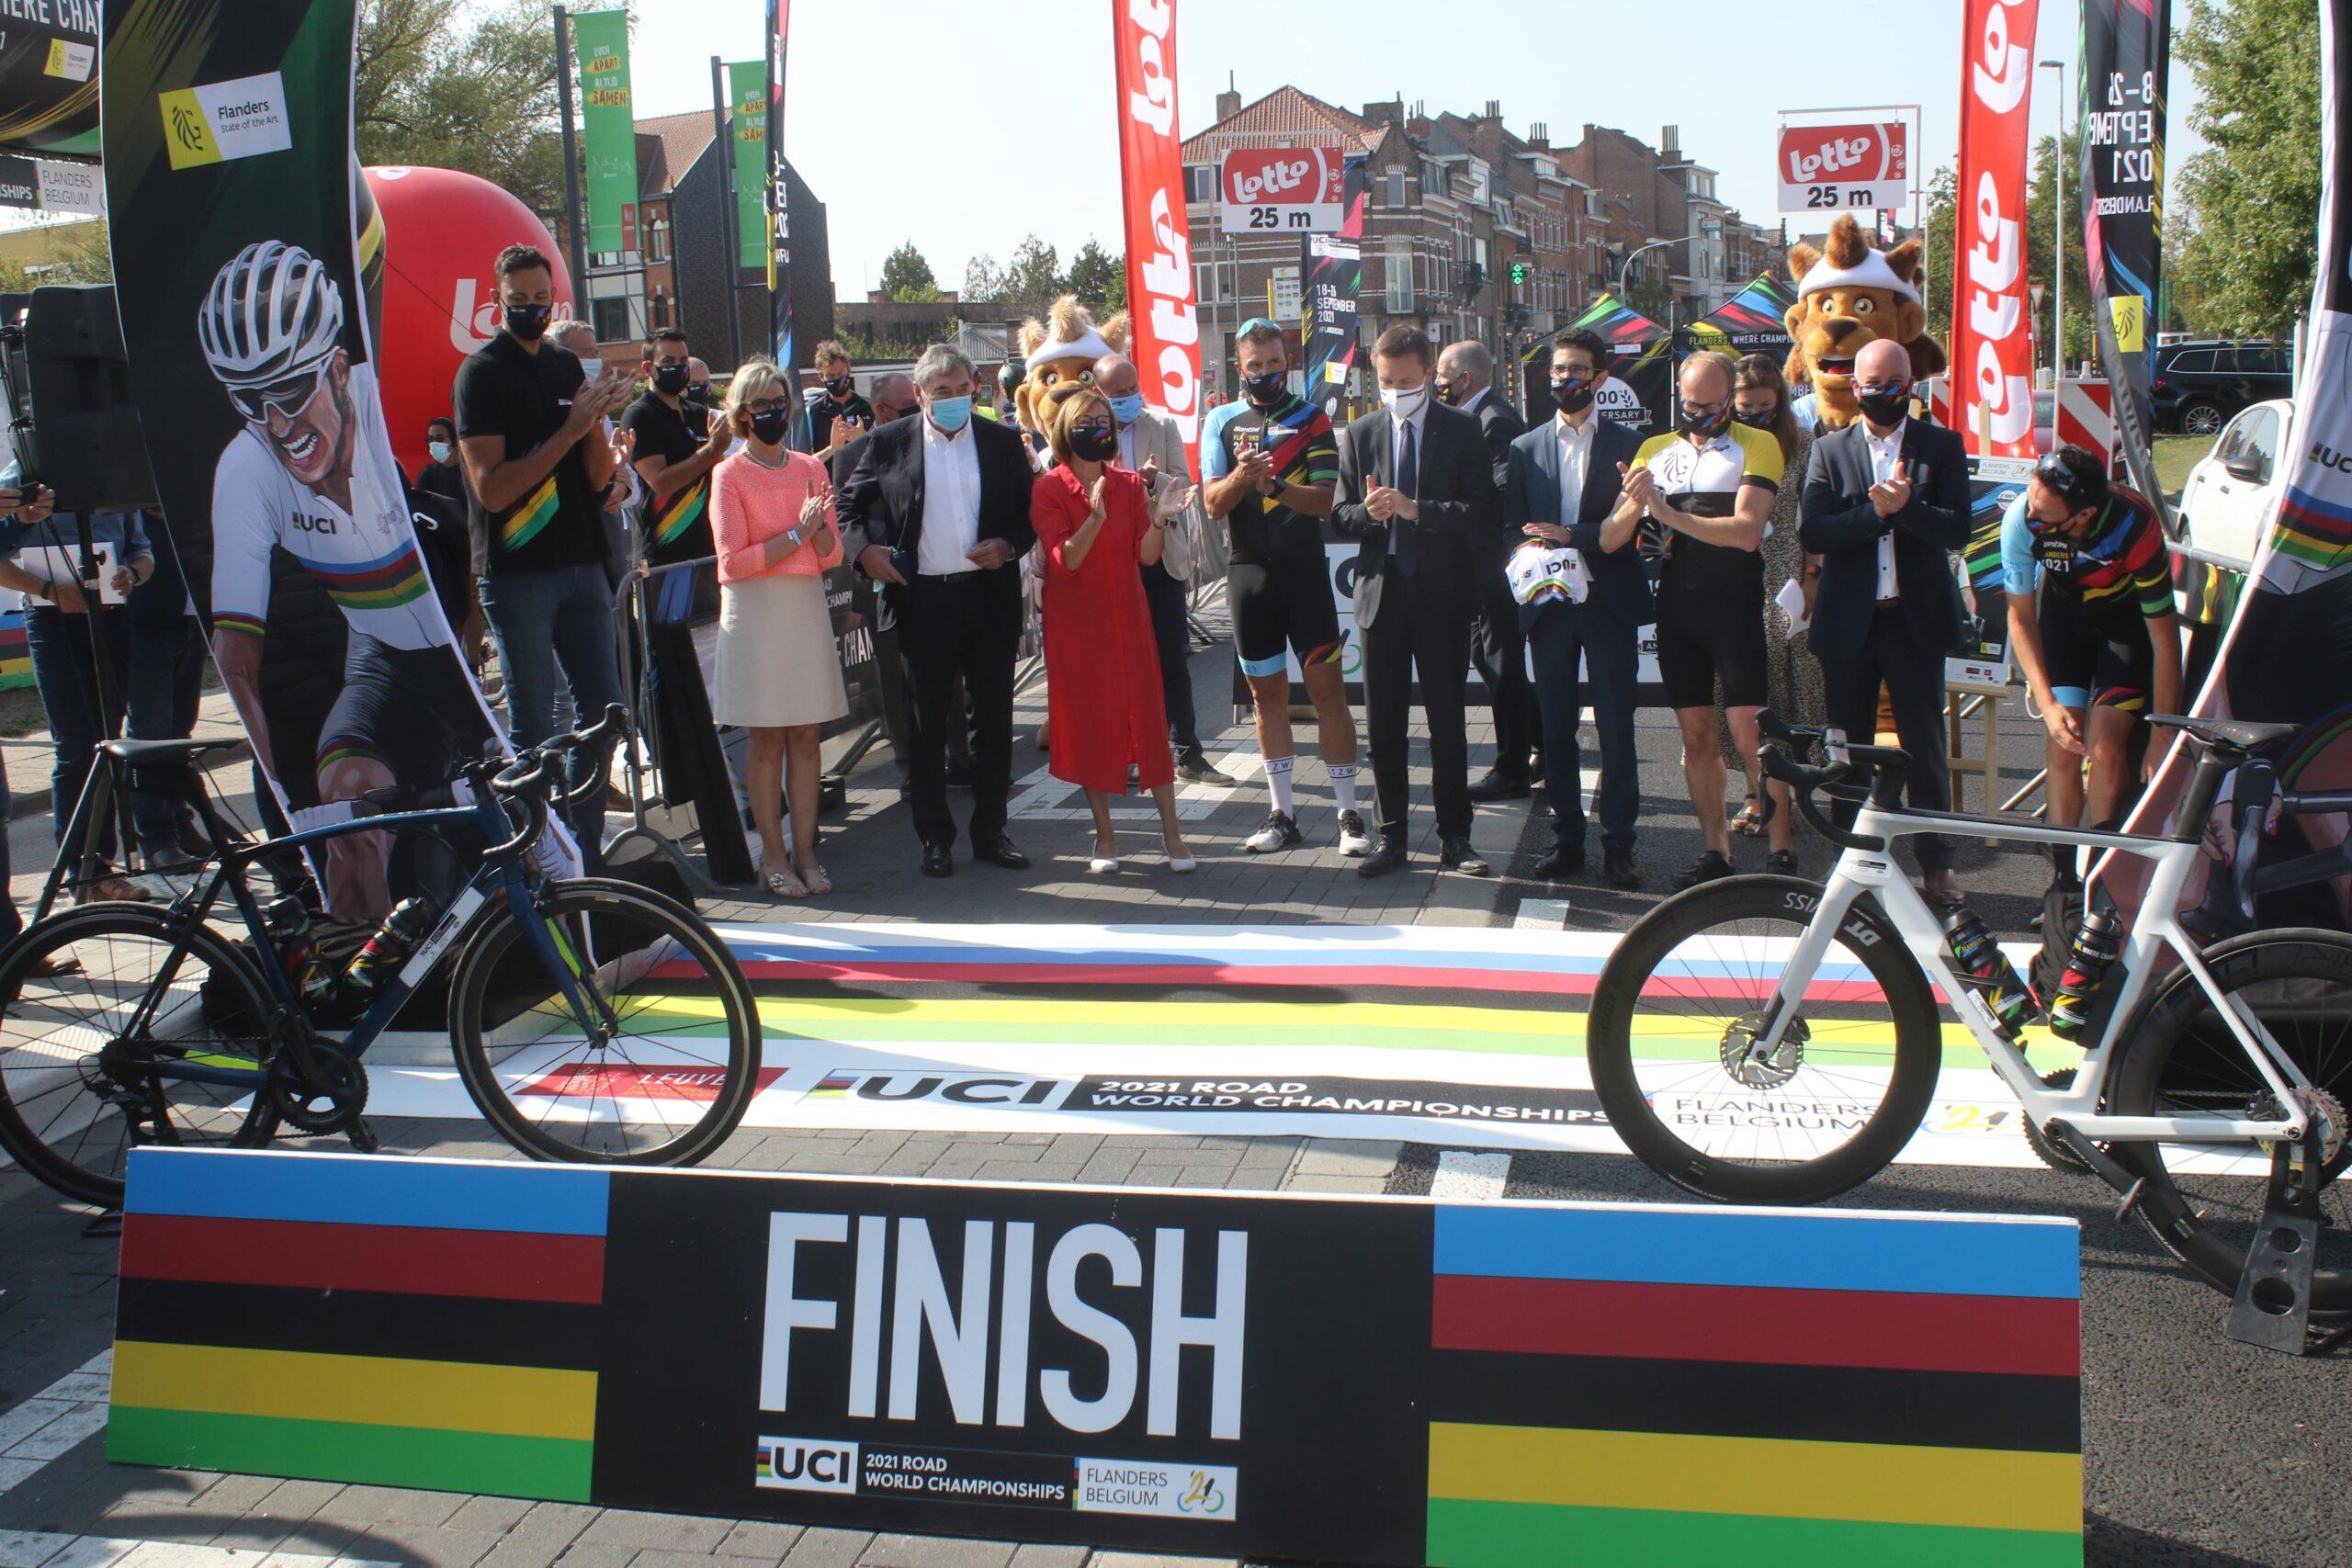 De wegritten vinden plaats van vrijdag 24 september tot en met zondag 26 september. Regiosport Honderdste Editie Wk Wielrennen In Leuven Onthuld